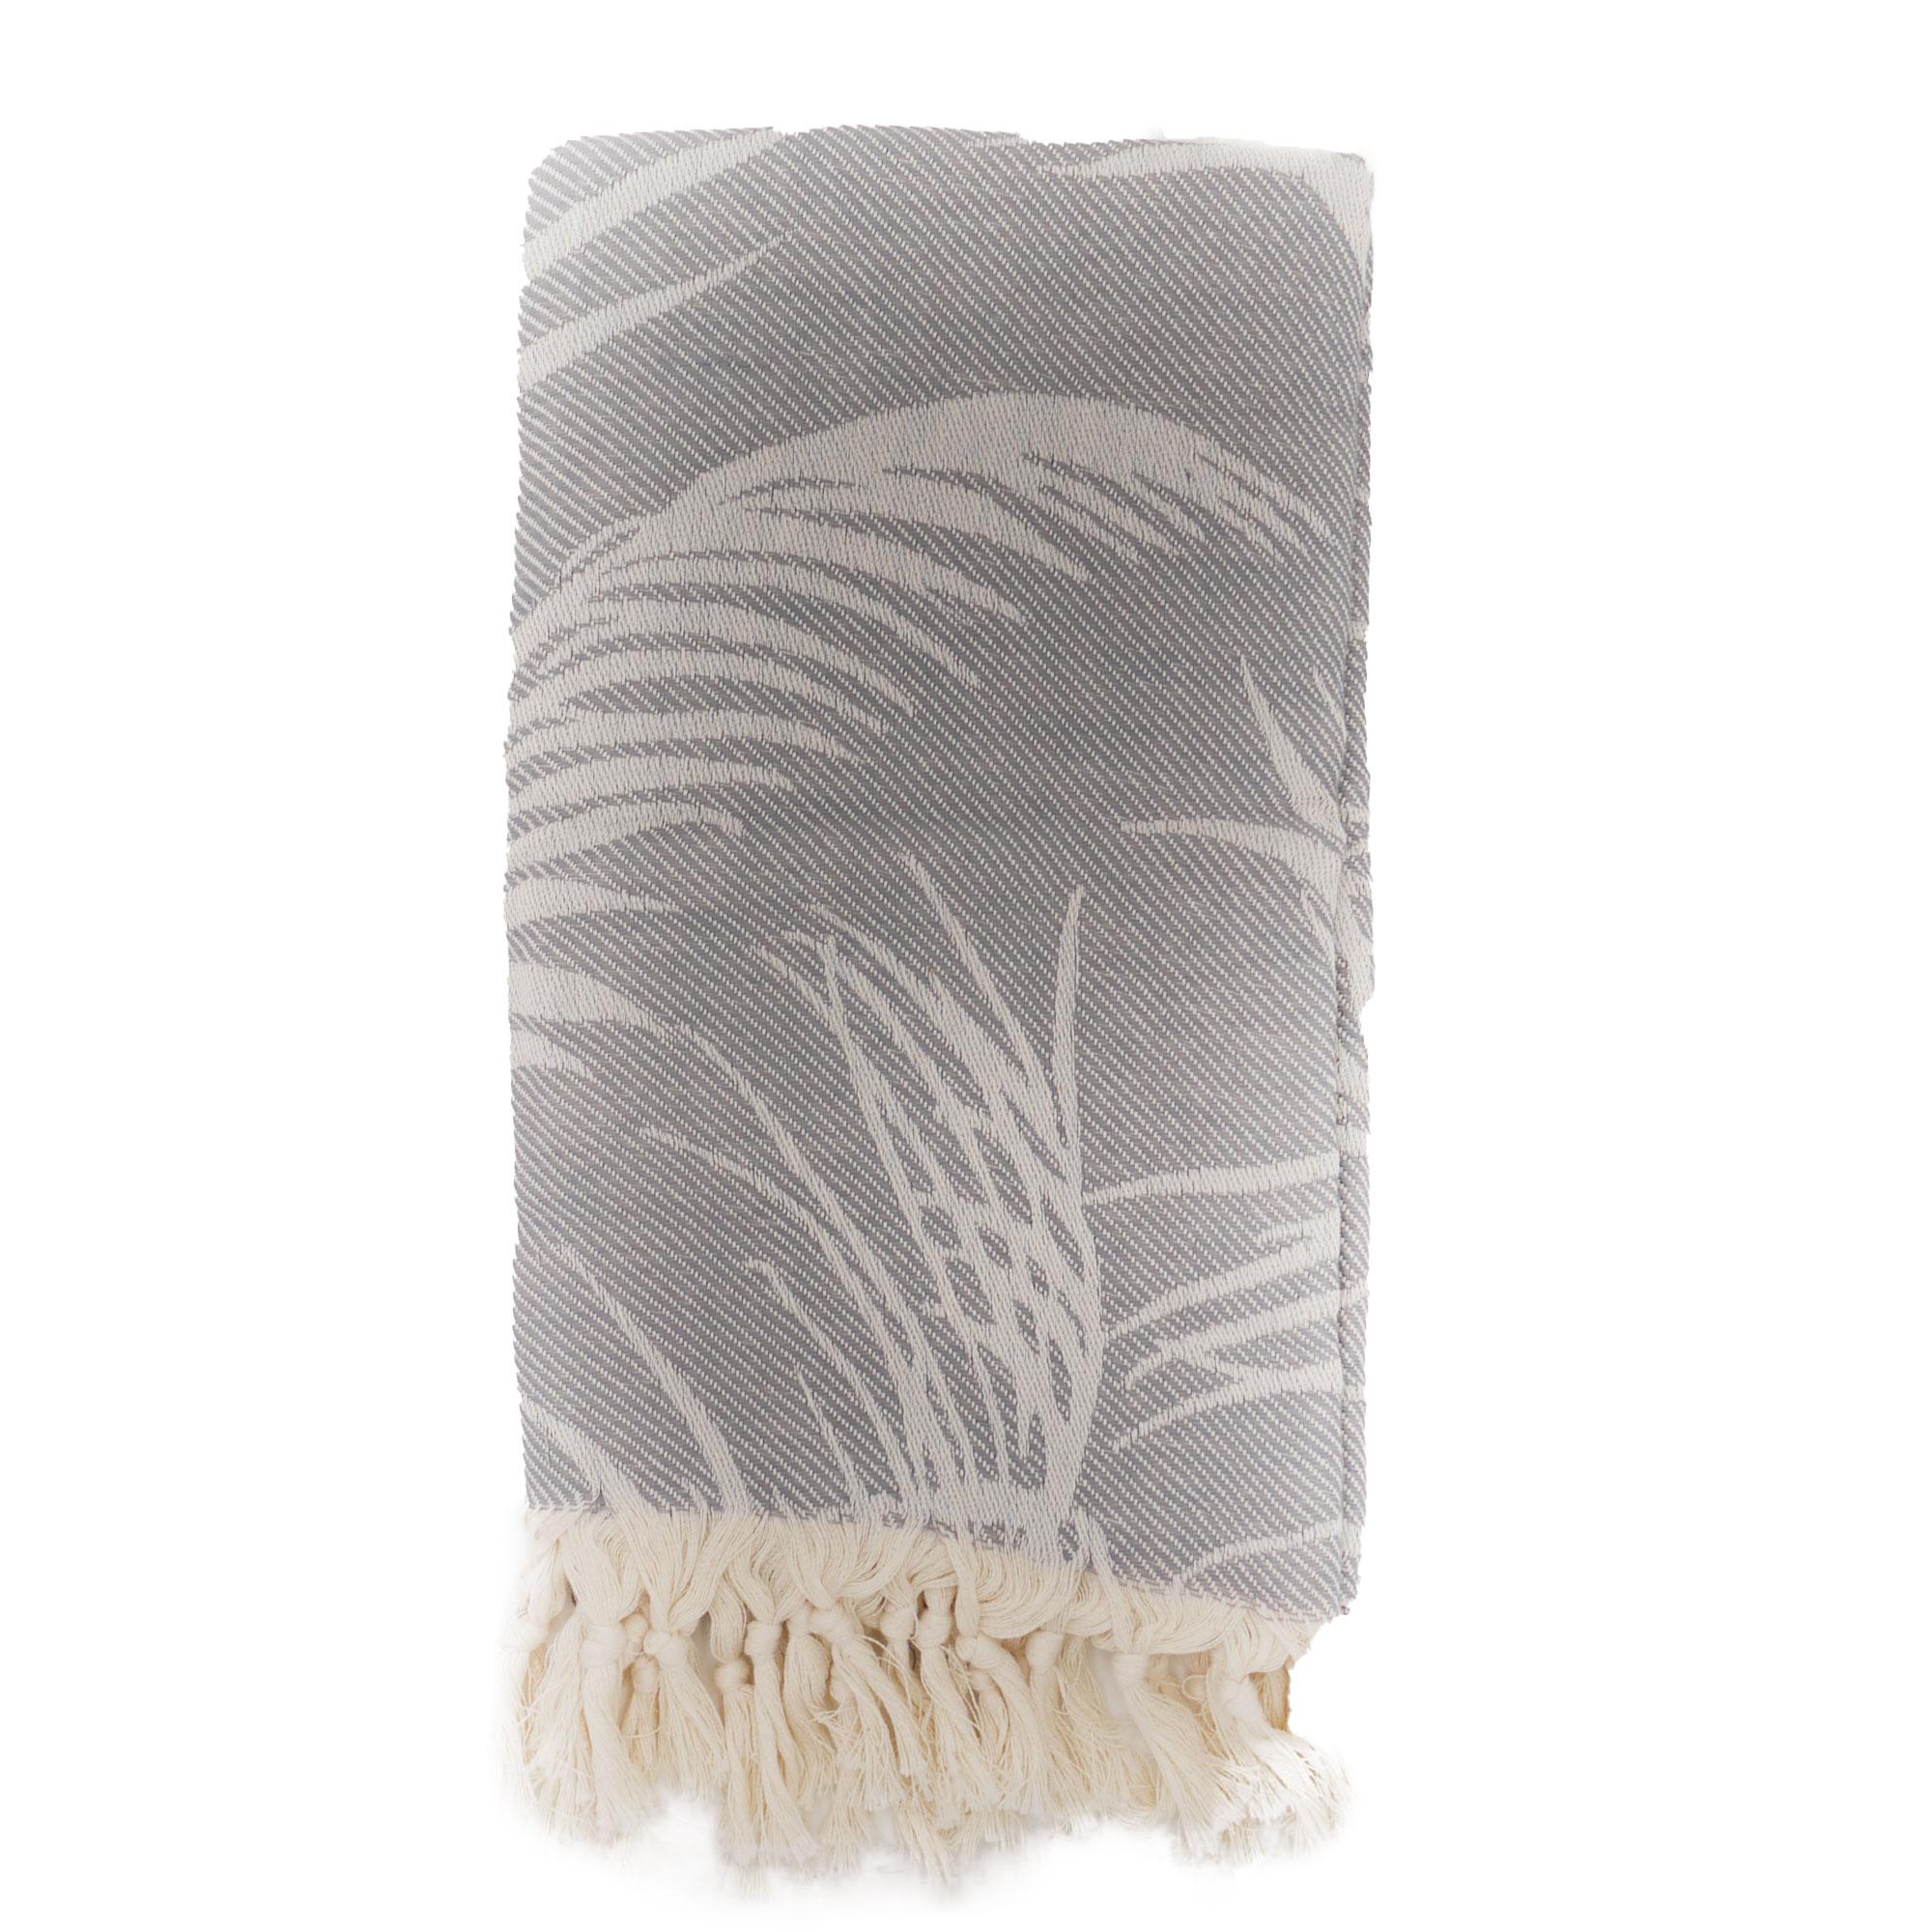 Fouta palmiers 100% coton avec franges grise 100x180cm